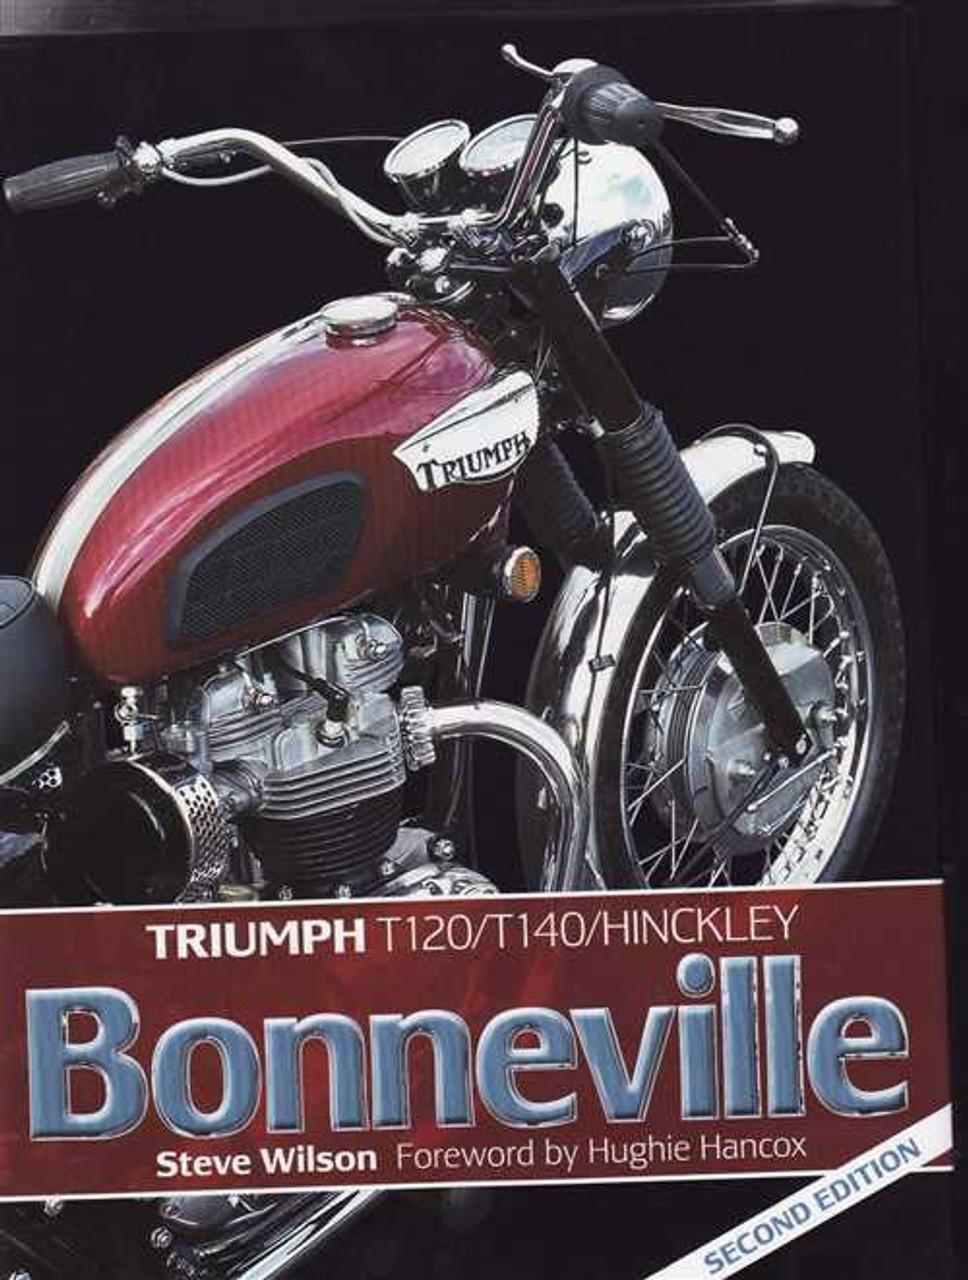 Triumph Bonneville T120 T140 Hinckley 2nd Edition